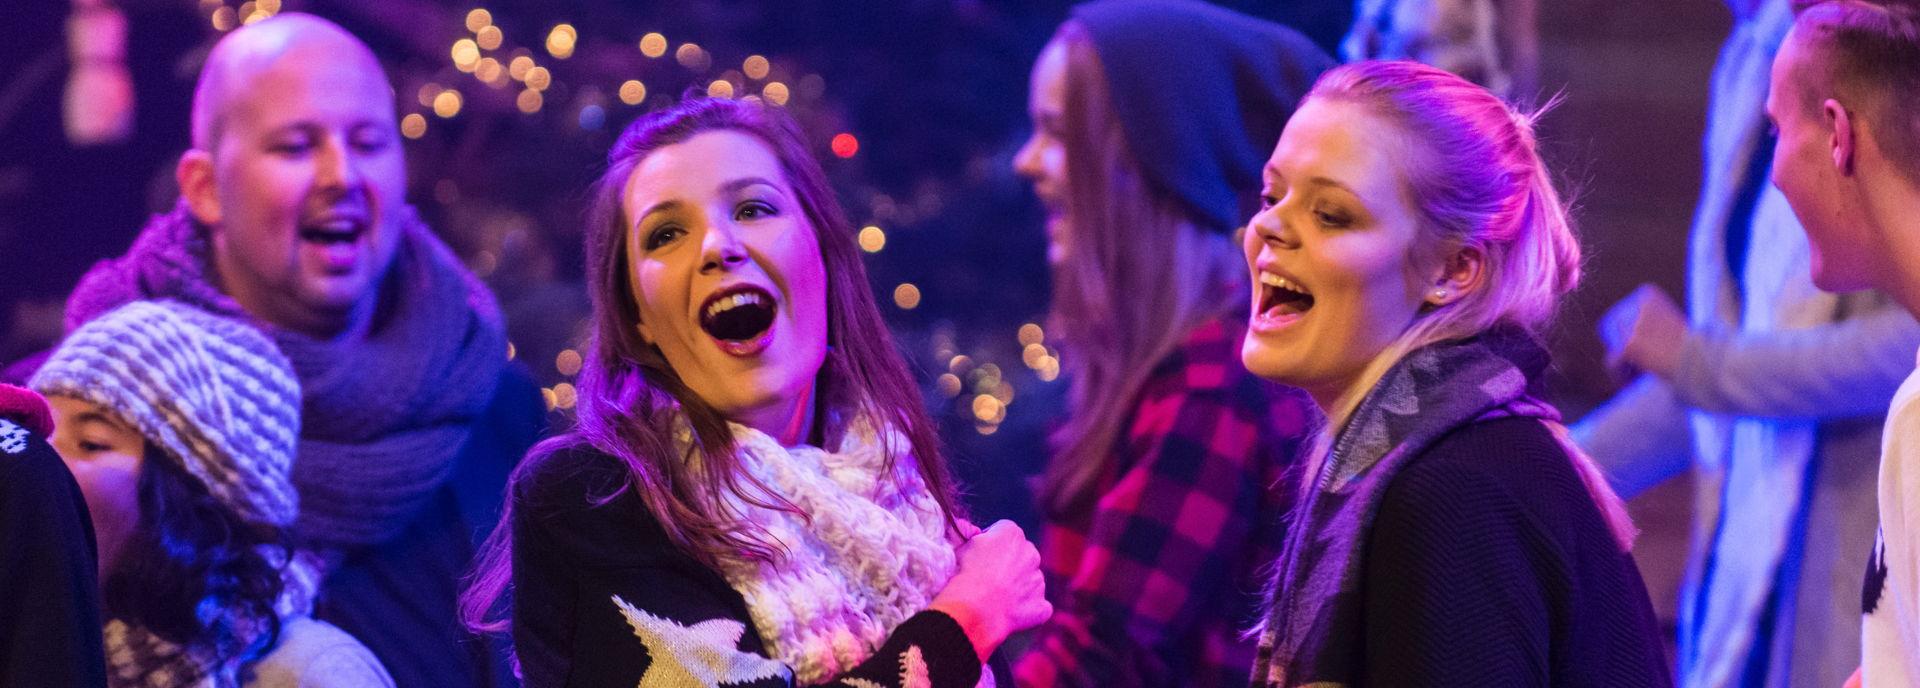 Via de formule Stadsprogrammering van Theater De Tamboer is het podium voor iedereen. Van solo en duo acts tot groepen, van het Kerst Musical Concert van Scala tot het School Musical Festival.